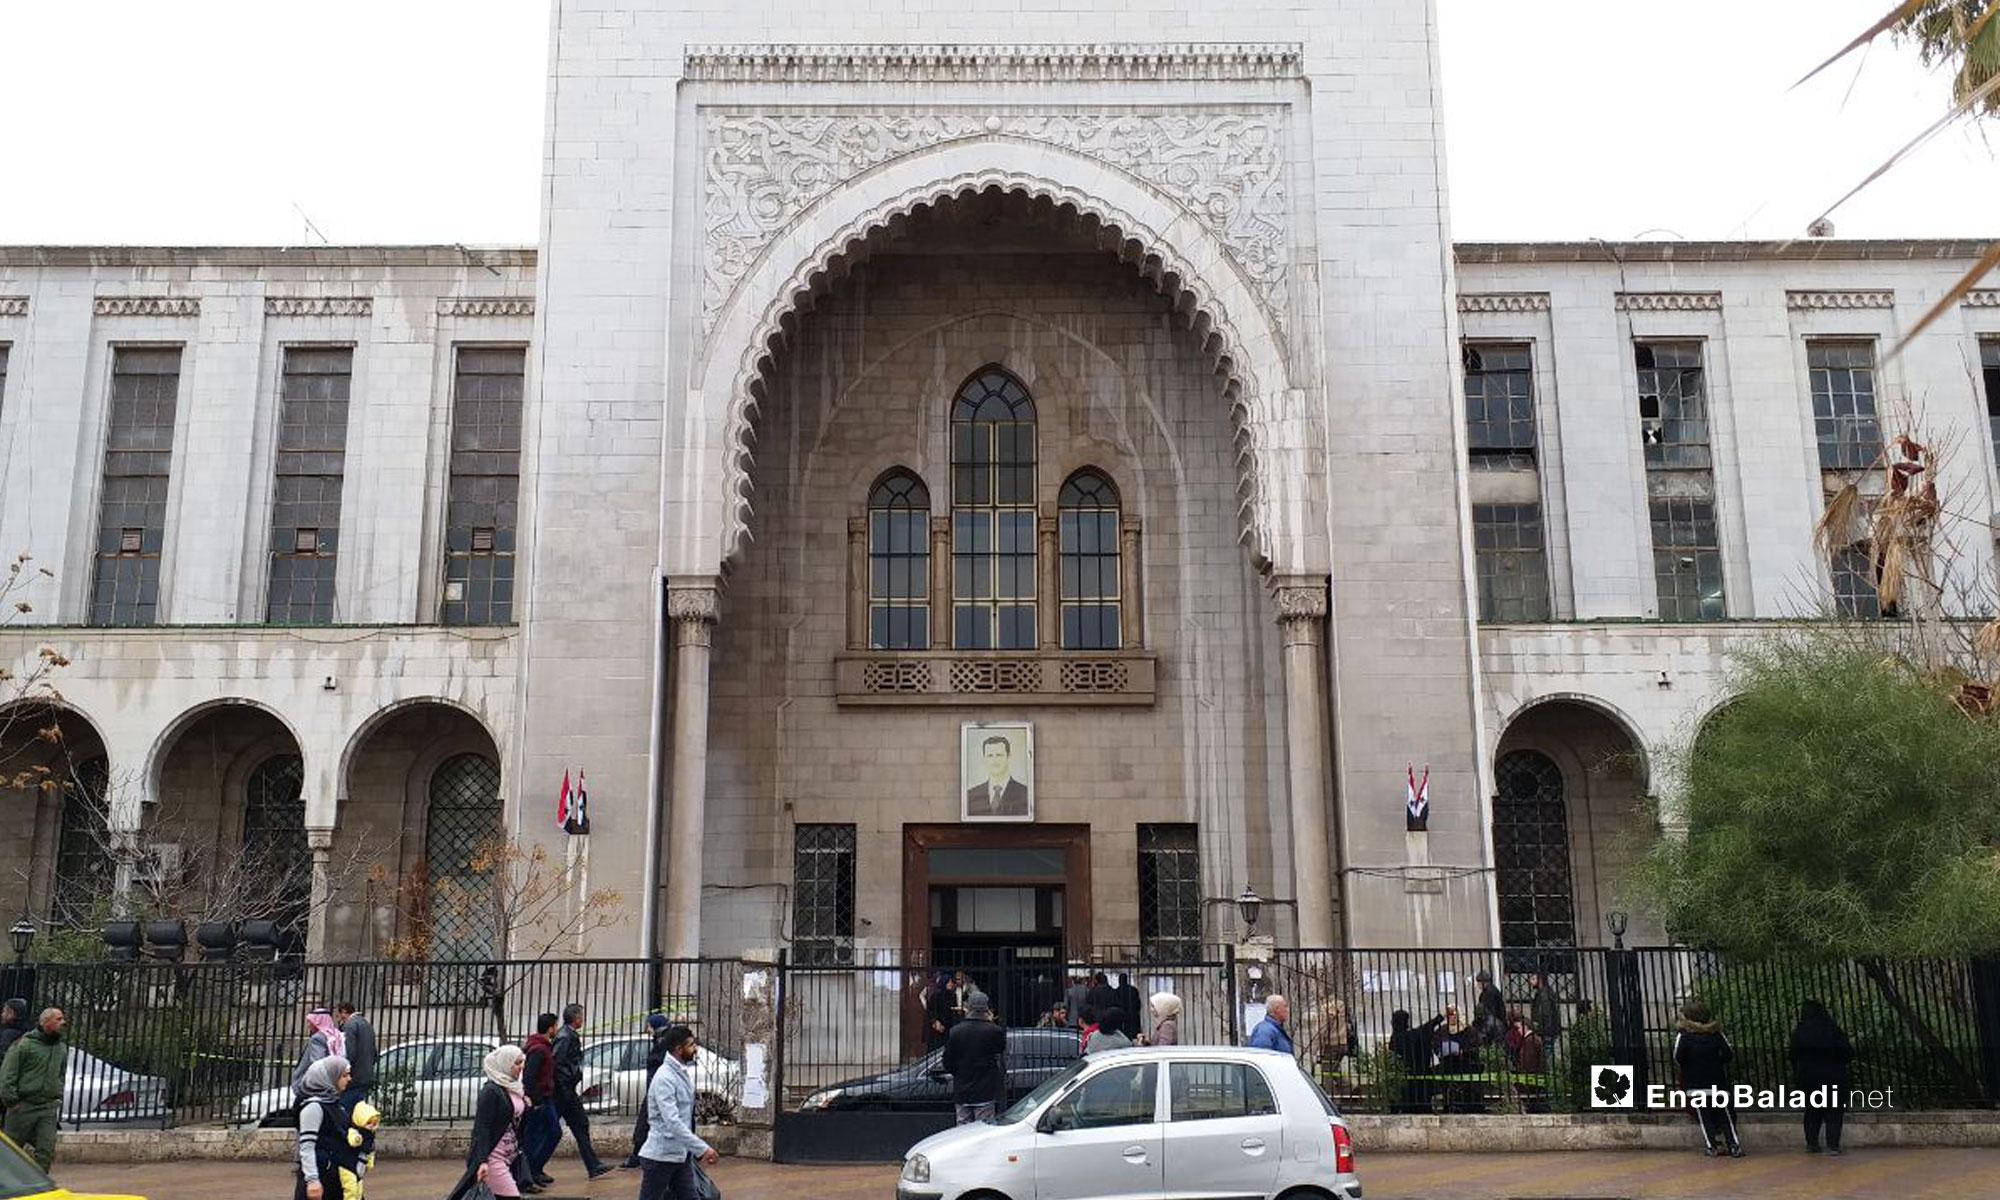 من أمام مبني القصر العدلي في دمشق - 14 من كانون الثاني 2019 (عنب بلدي)